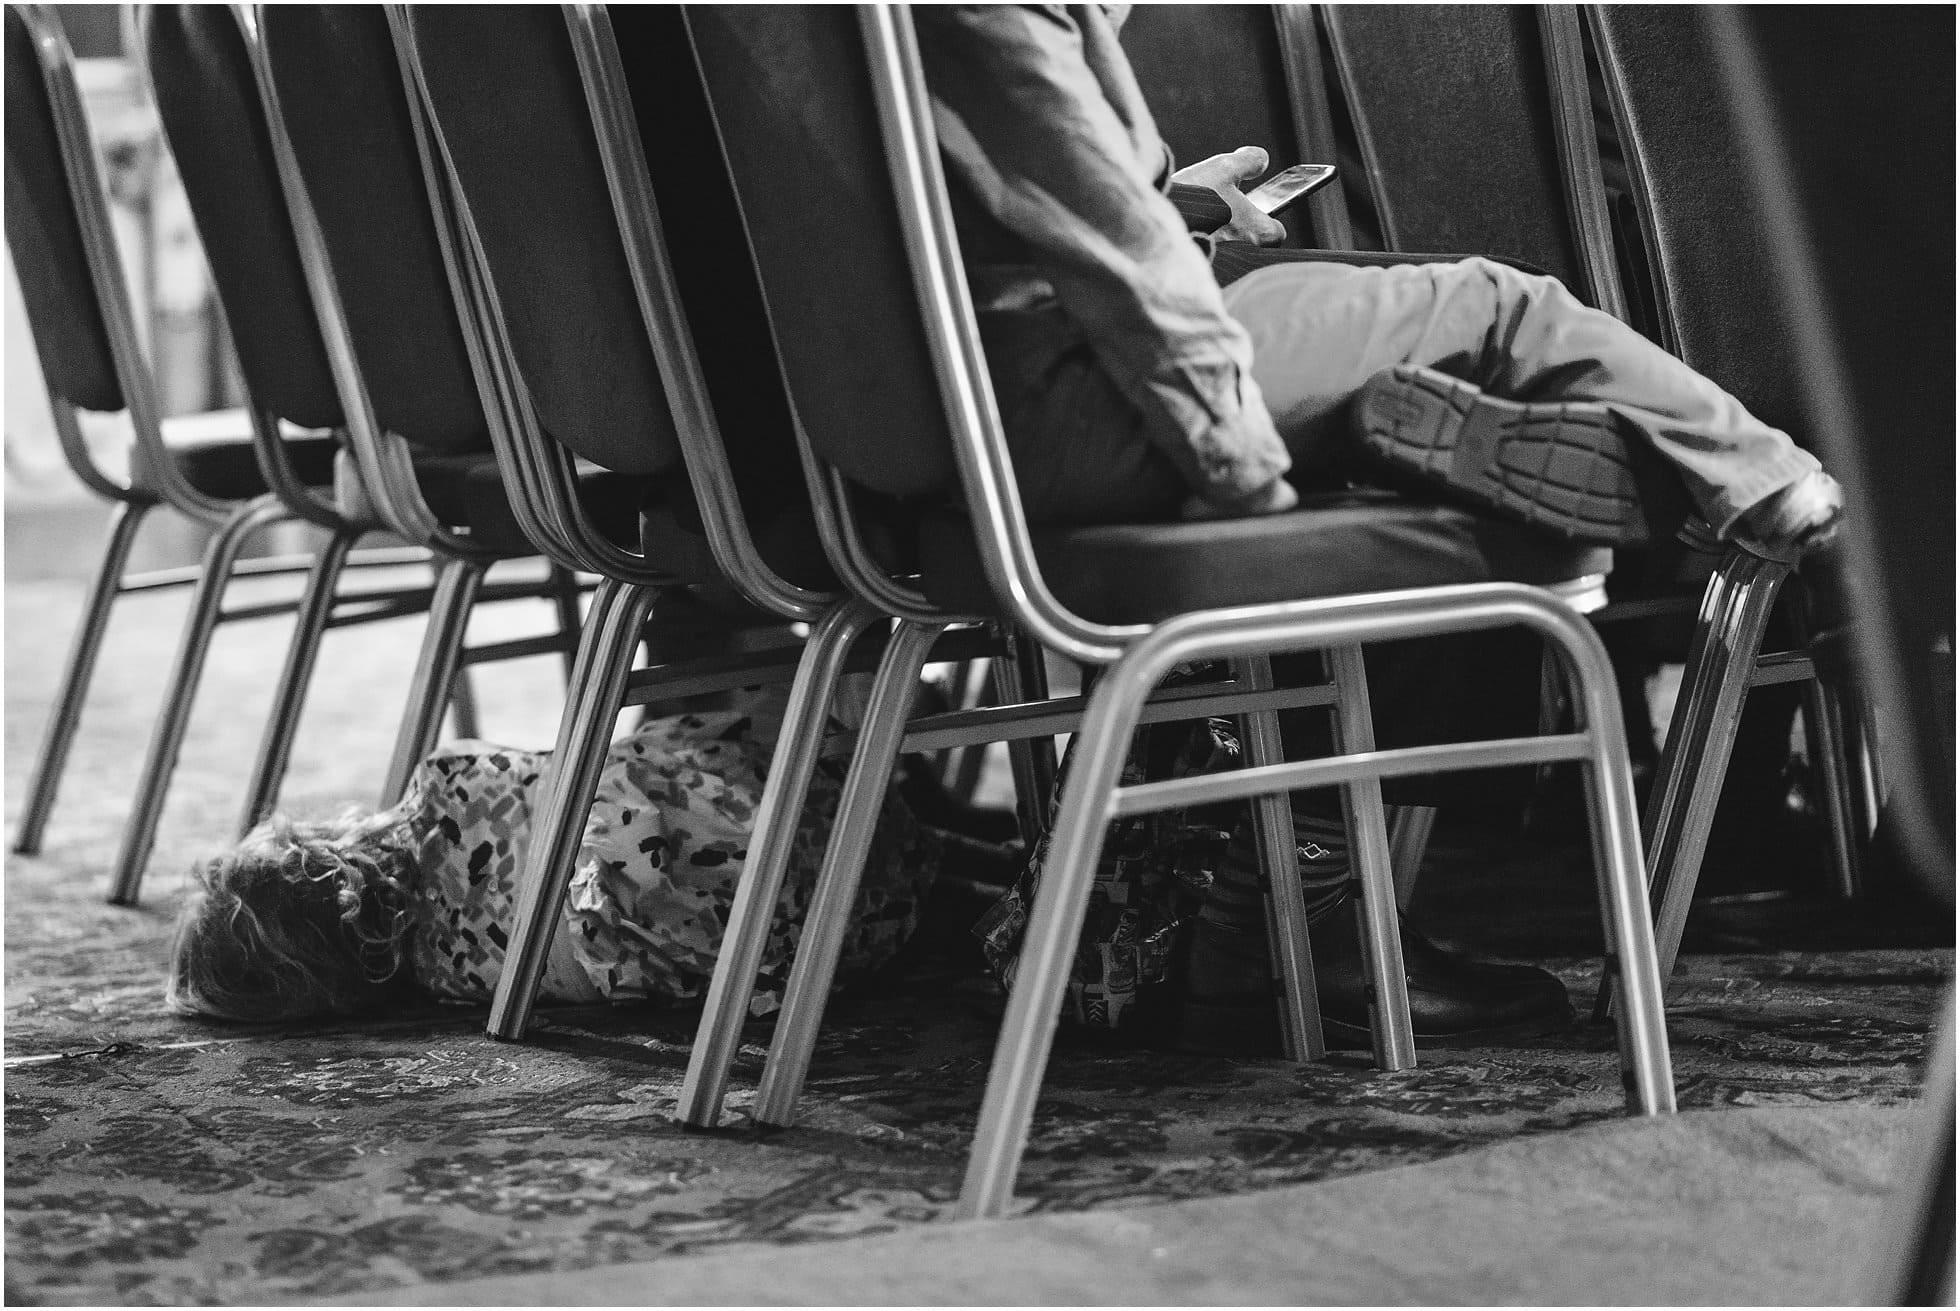 Child under the chairs at Highbury